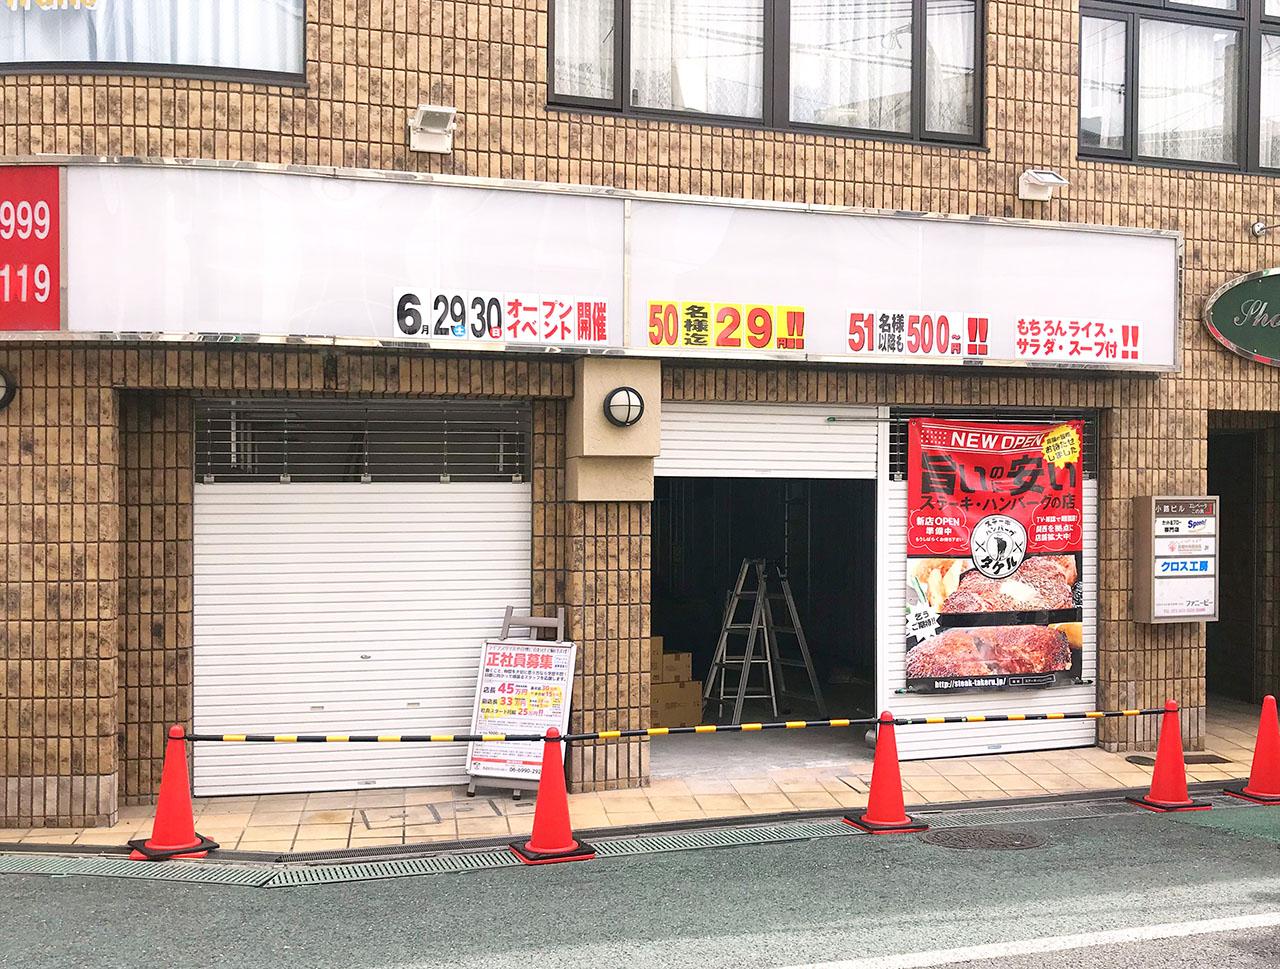 ハンバーグステーキタケル高槻店